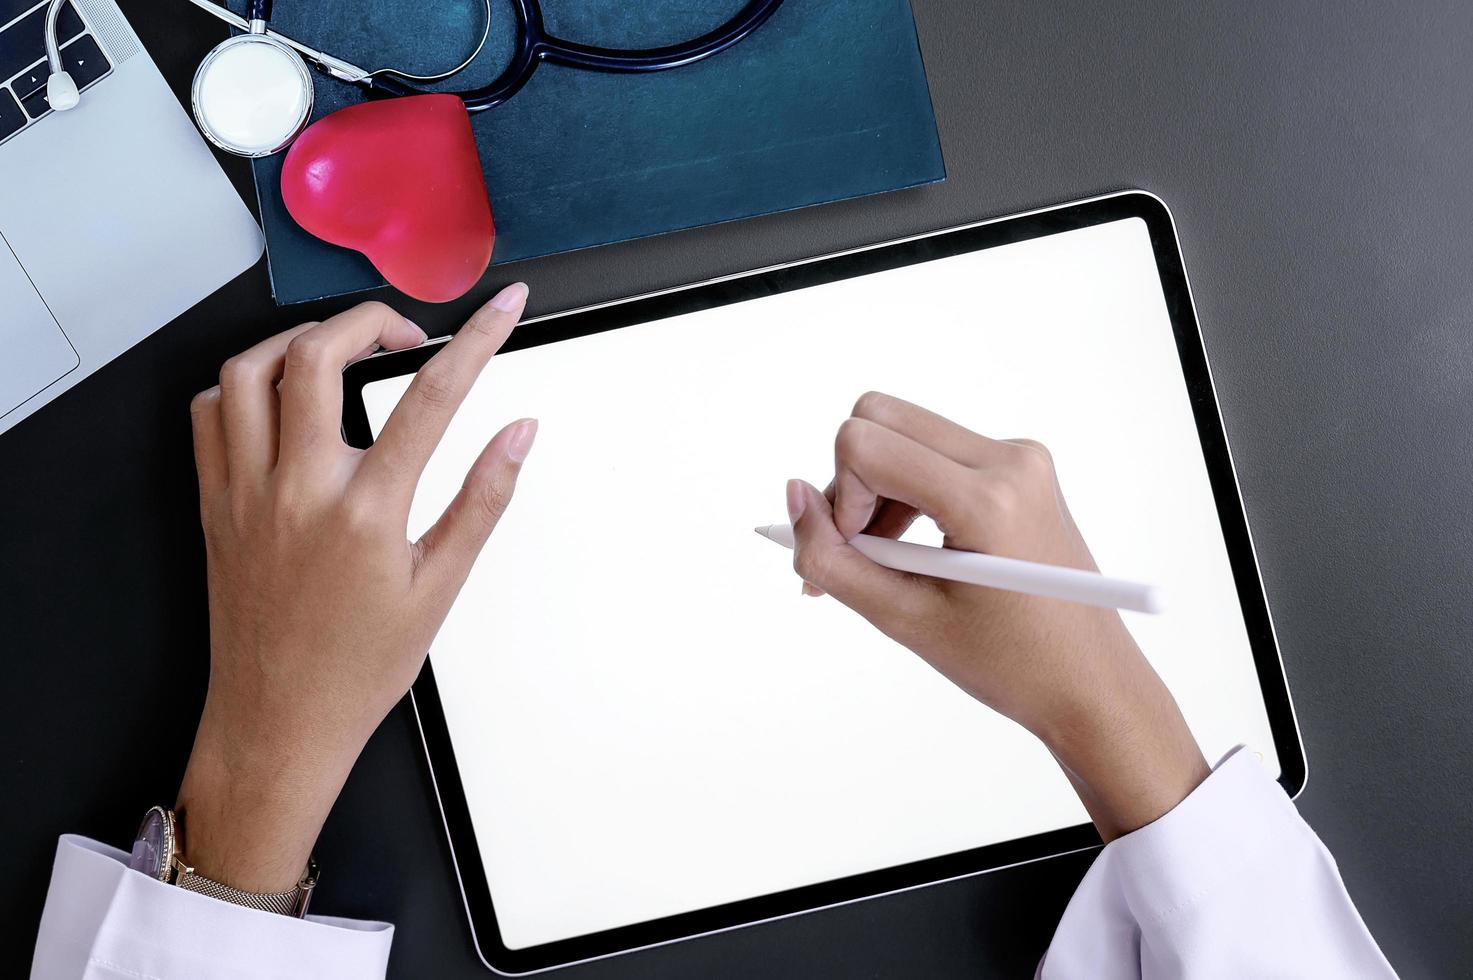 médecin main écrit sur l'écran de la tablette alors qu'il était assis au bureau. photo